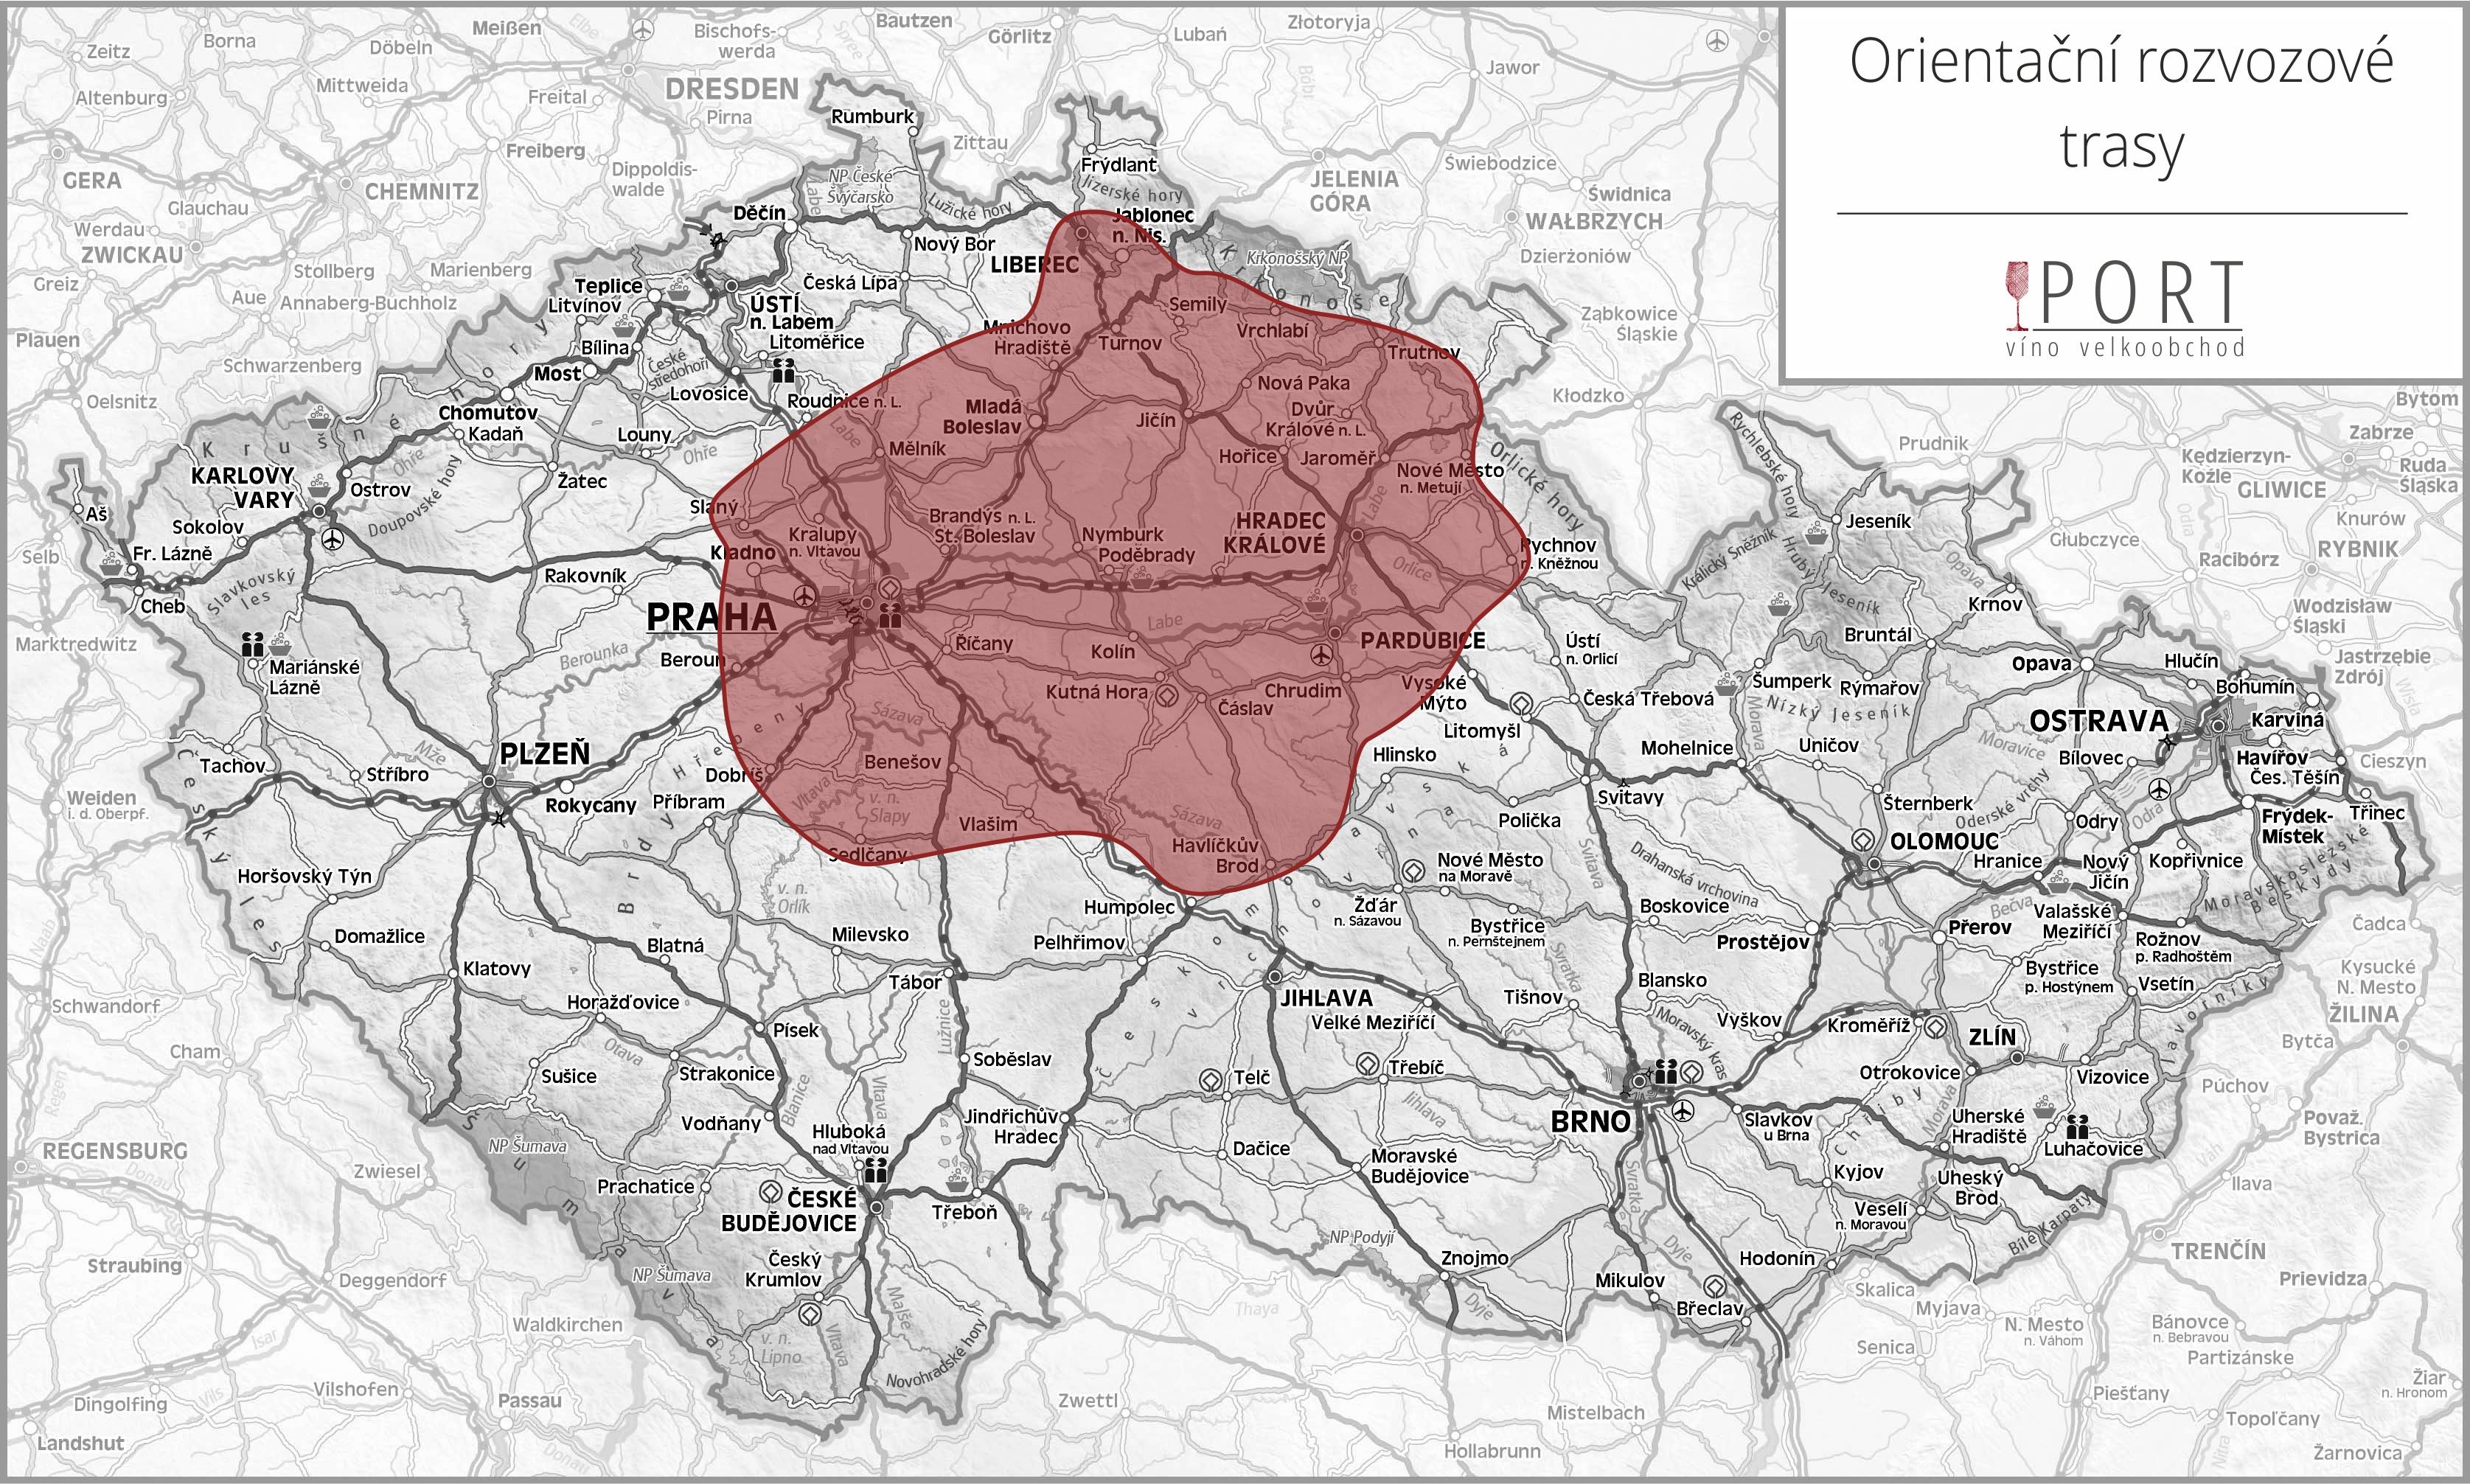 mapa_rozvozove_trasy_port